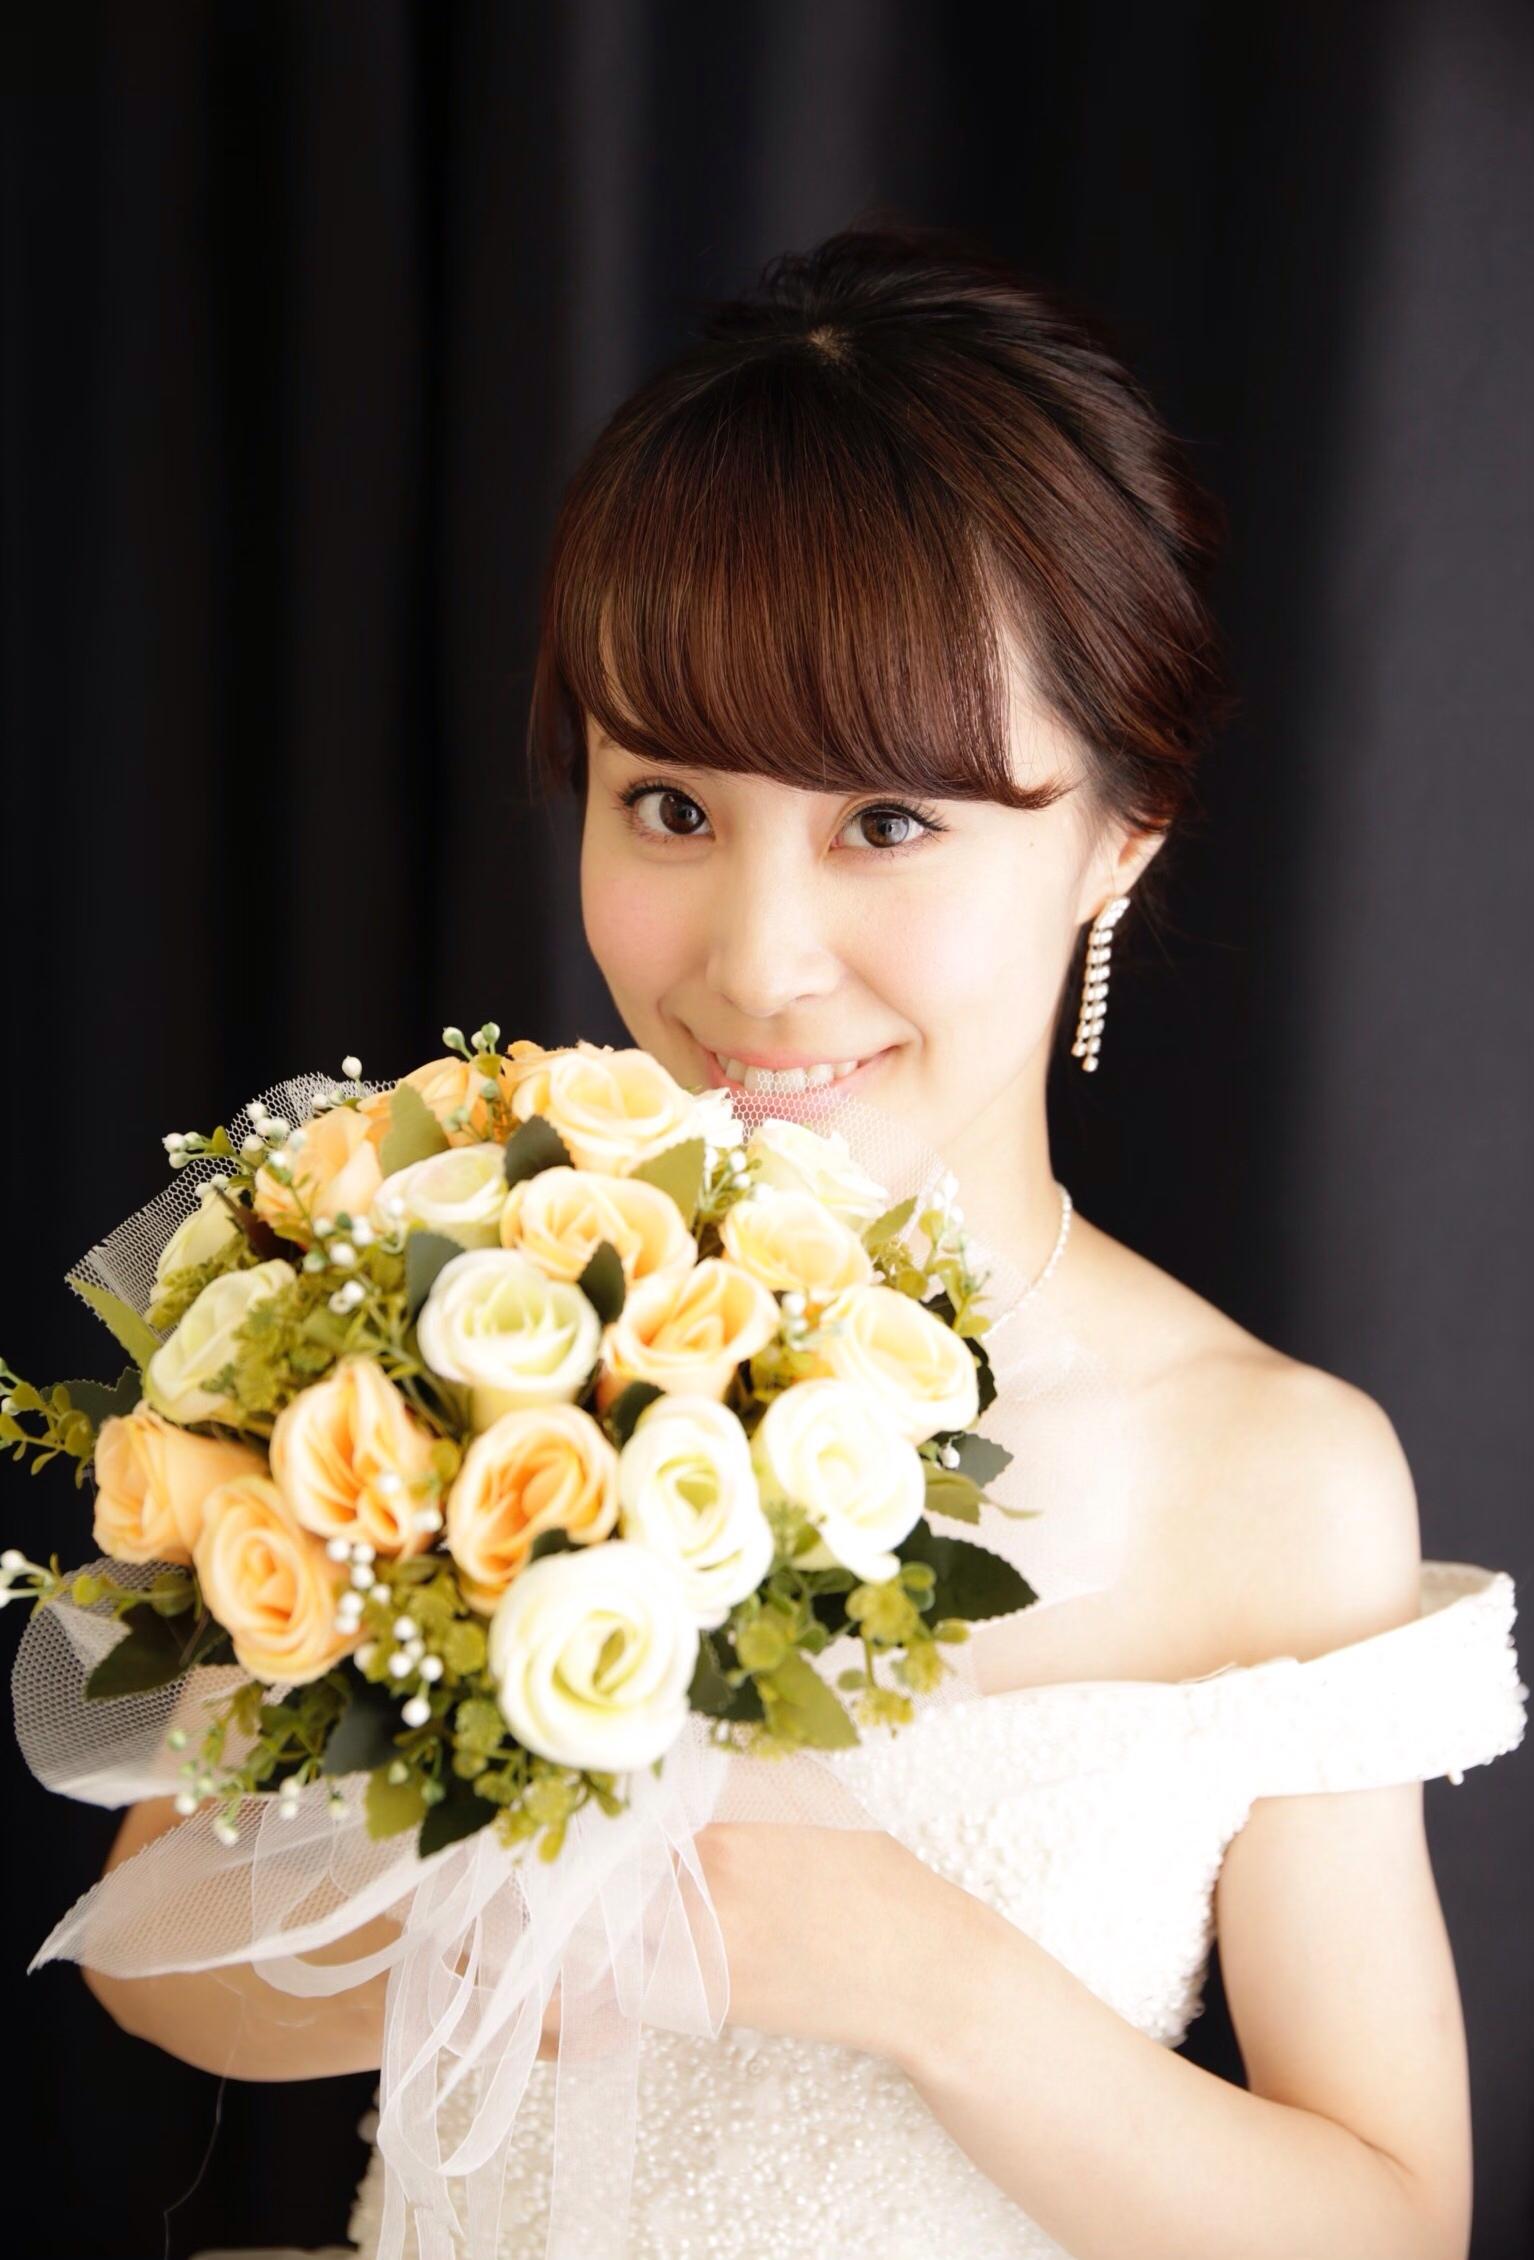 一生に一度のウェディングドレス♡前撮りや結婚式をされる方にオススメのドレス♡_3